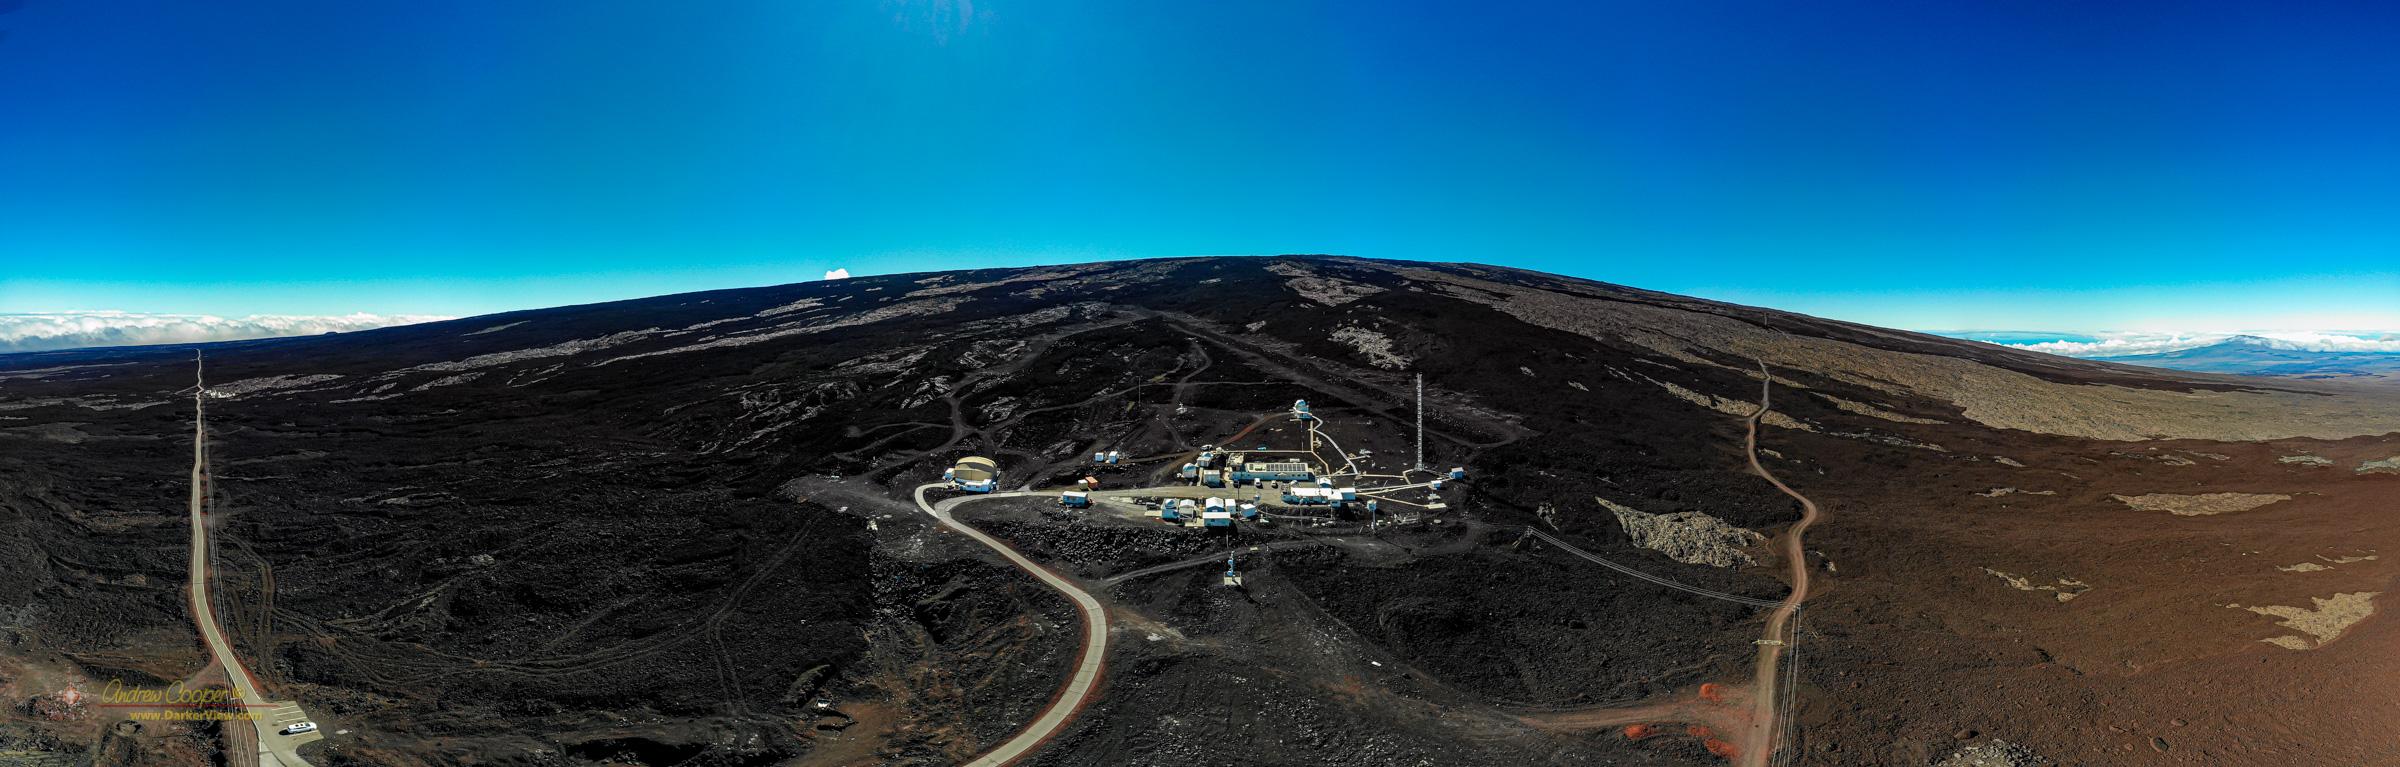 The NOAA Mauna Loa Observatory